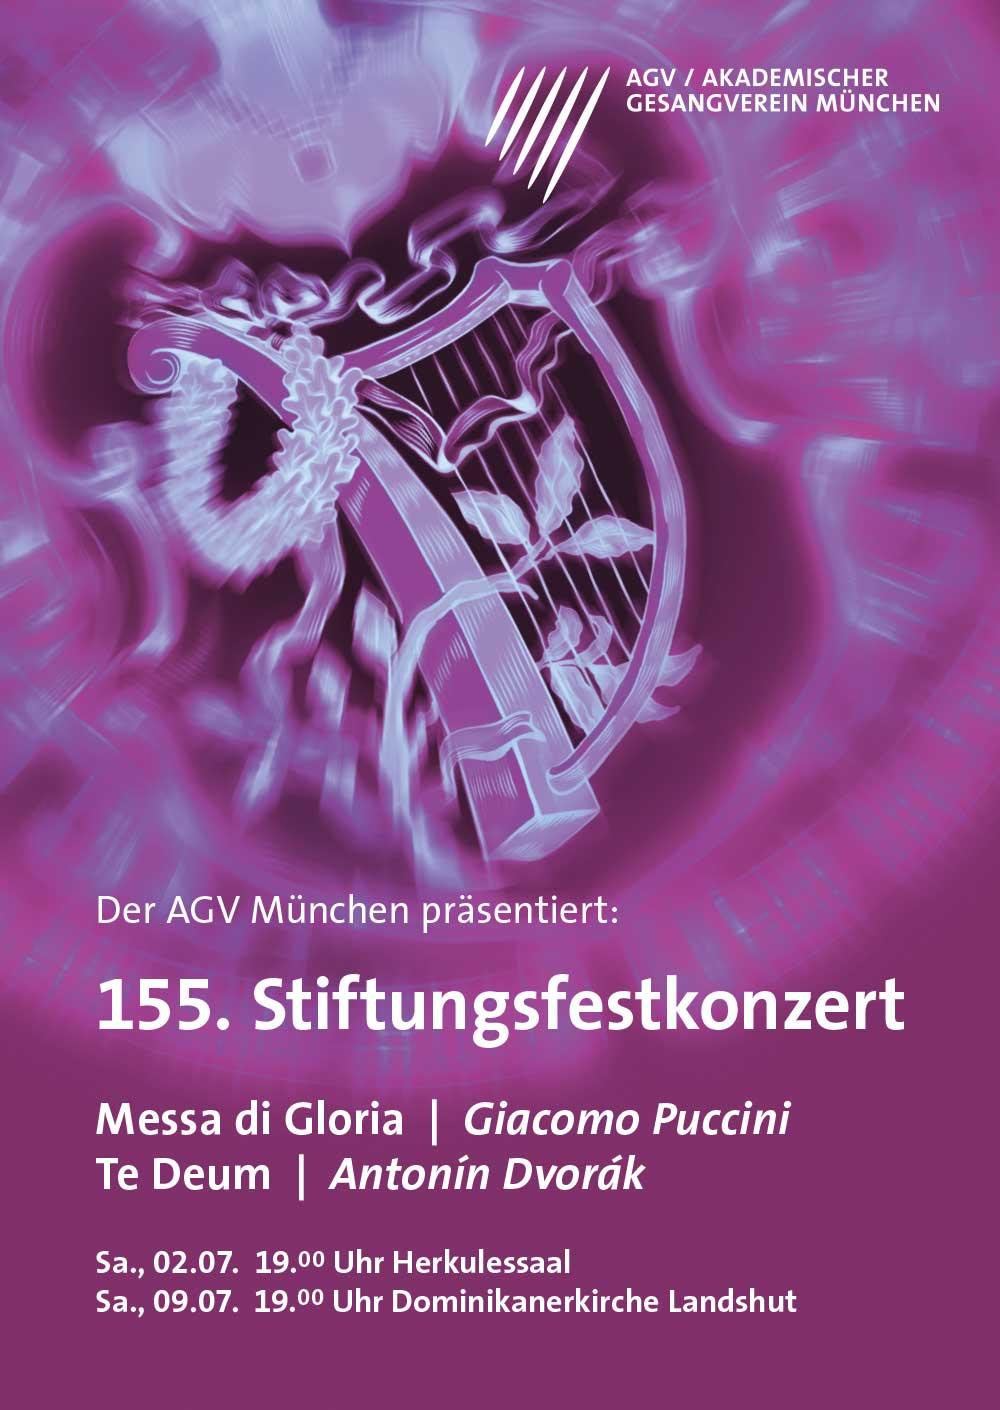 Plakatdesign für Akademischer Gesangsverein 155. Stiftungsfest